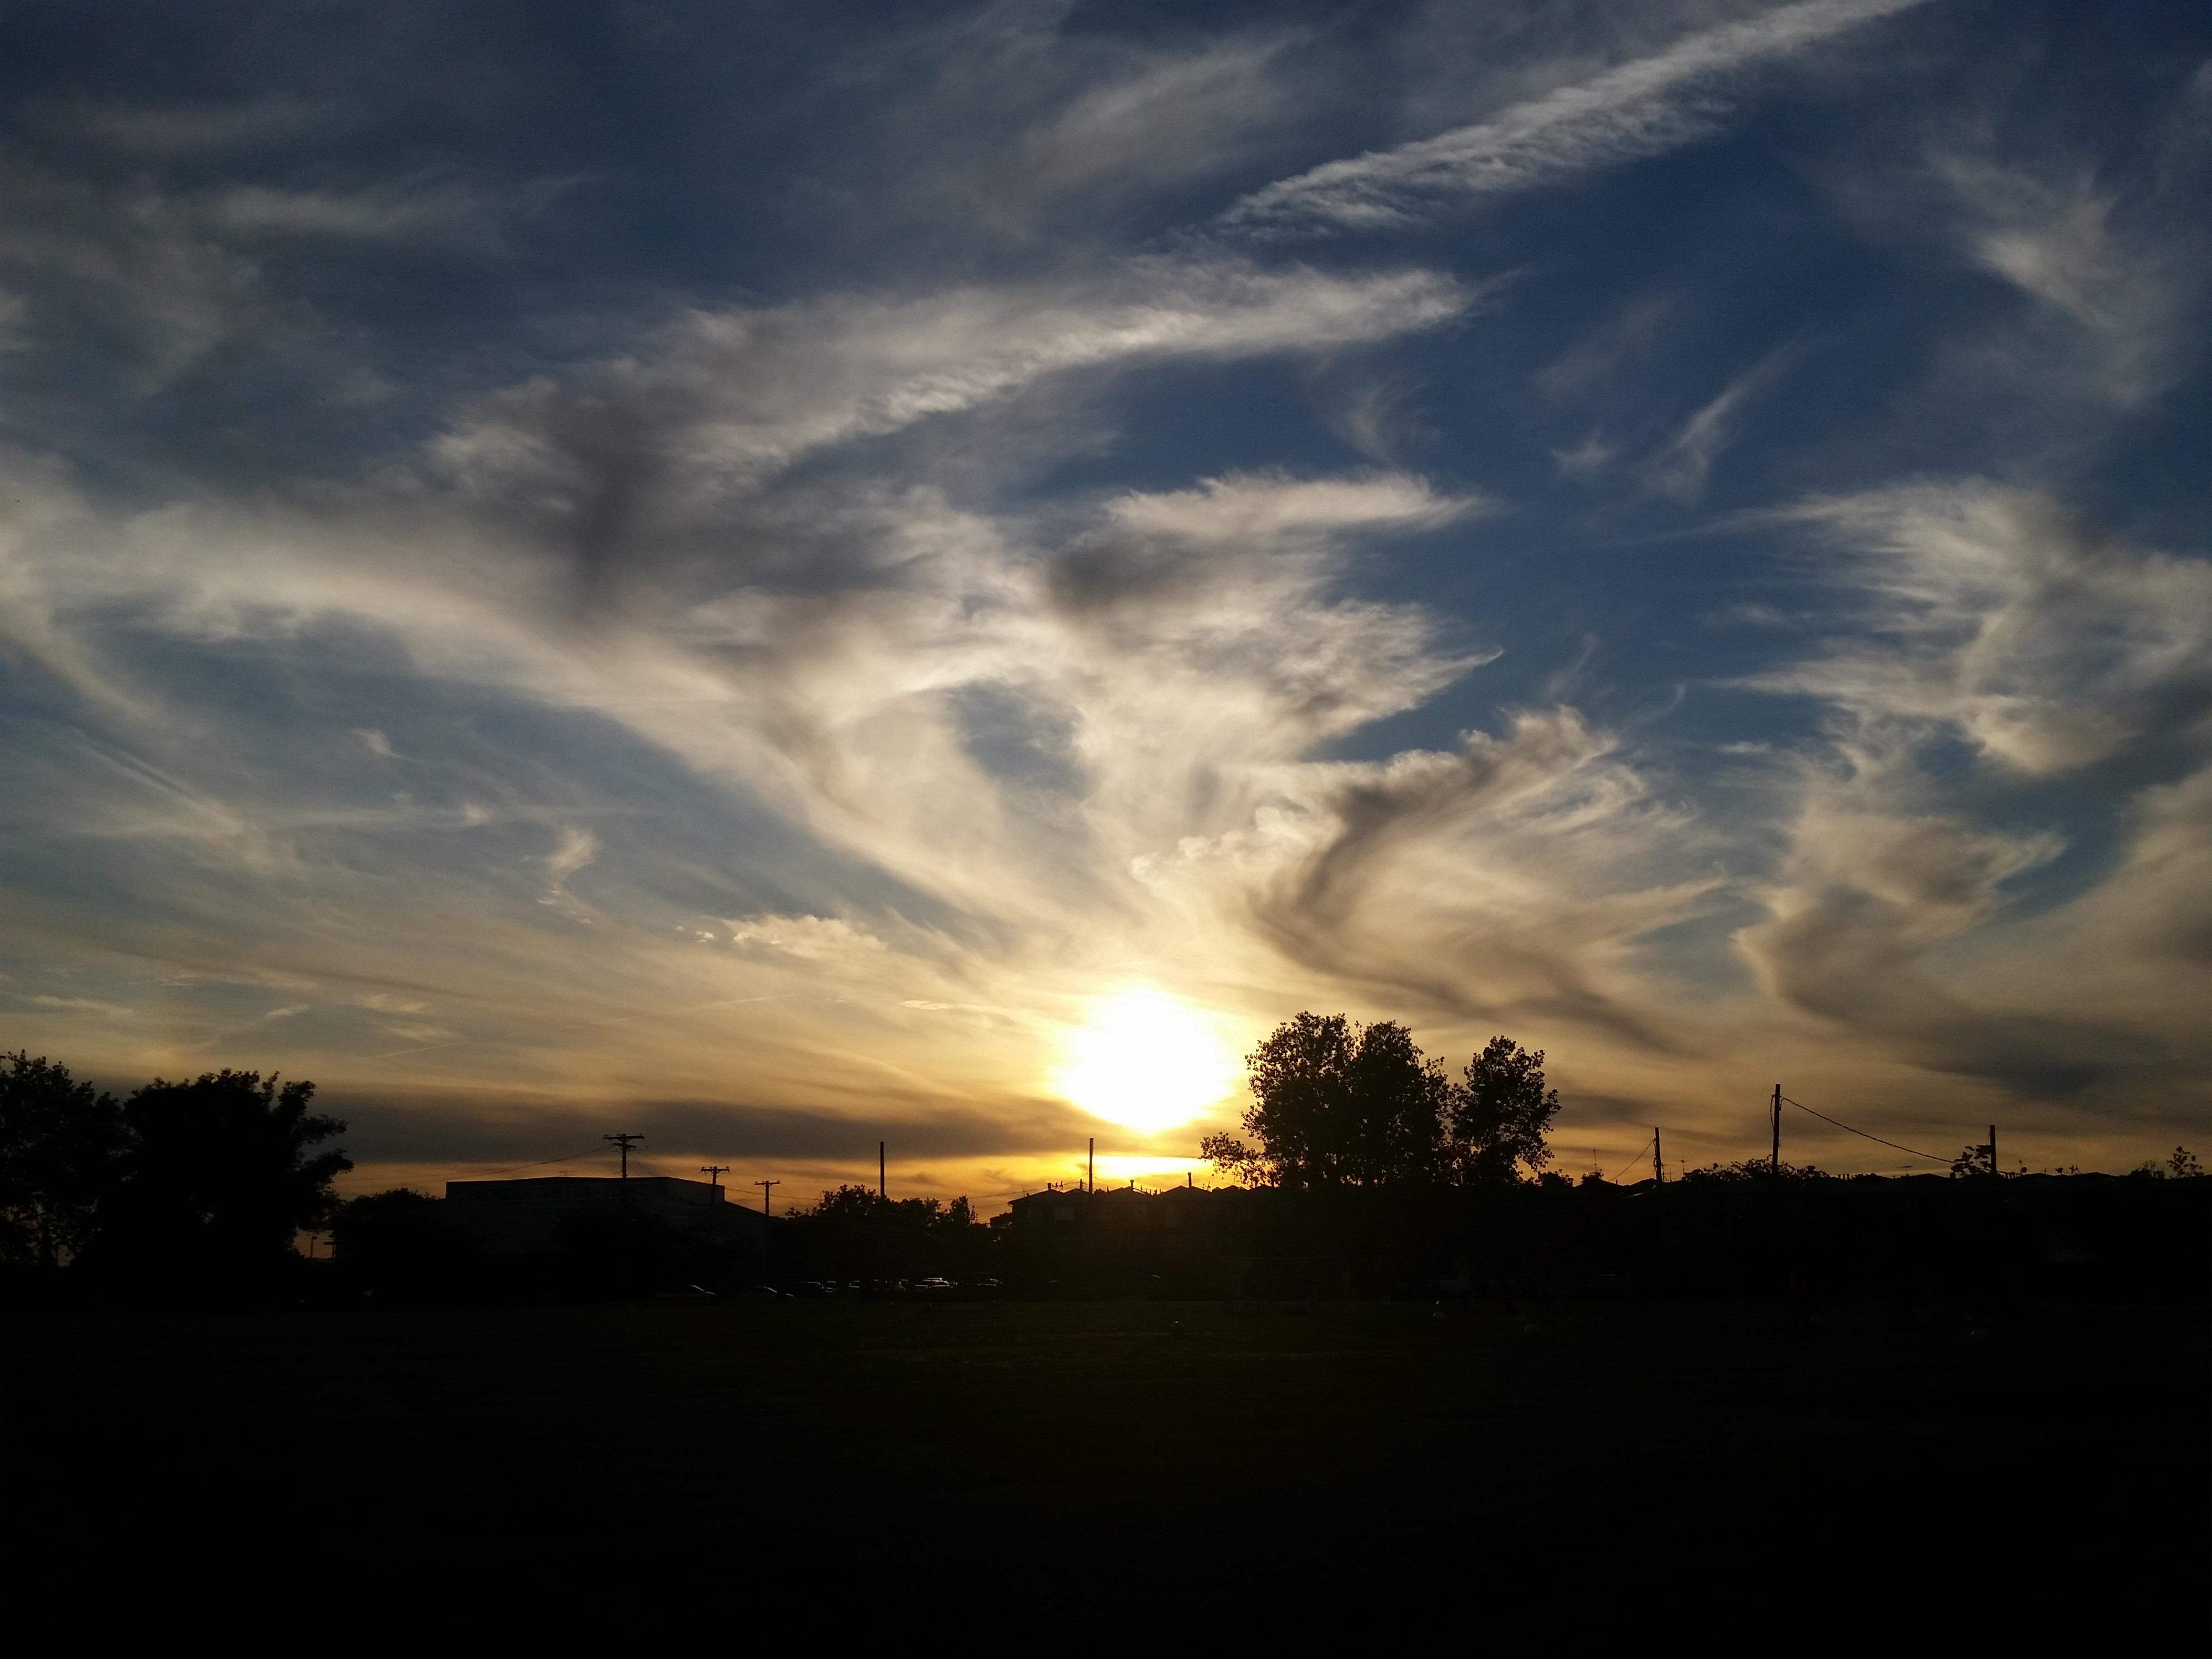 evening-sky-20160610_195629